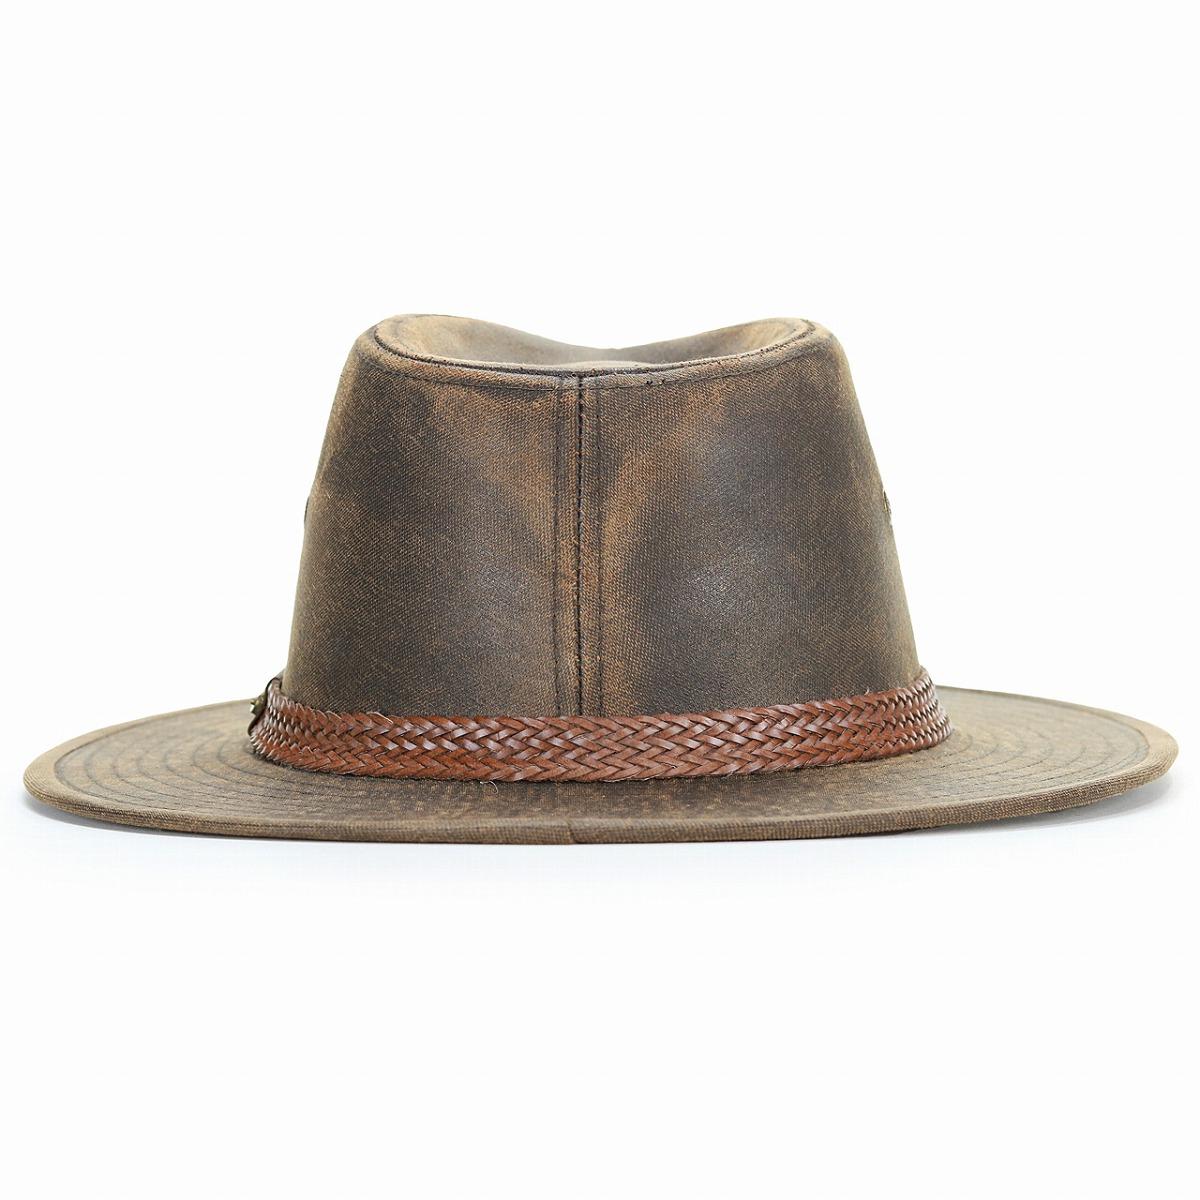 8dd943a9af8812 ... stetson broad-brimmed hat men leather style ユーズド processing oar season  cowboy hat men vintage ...